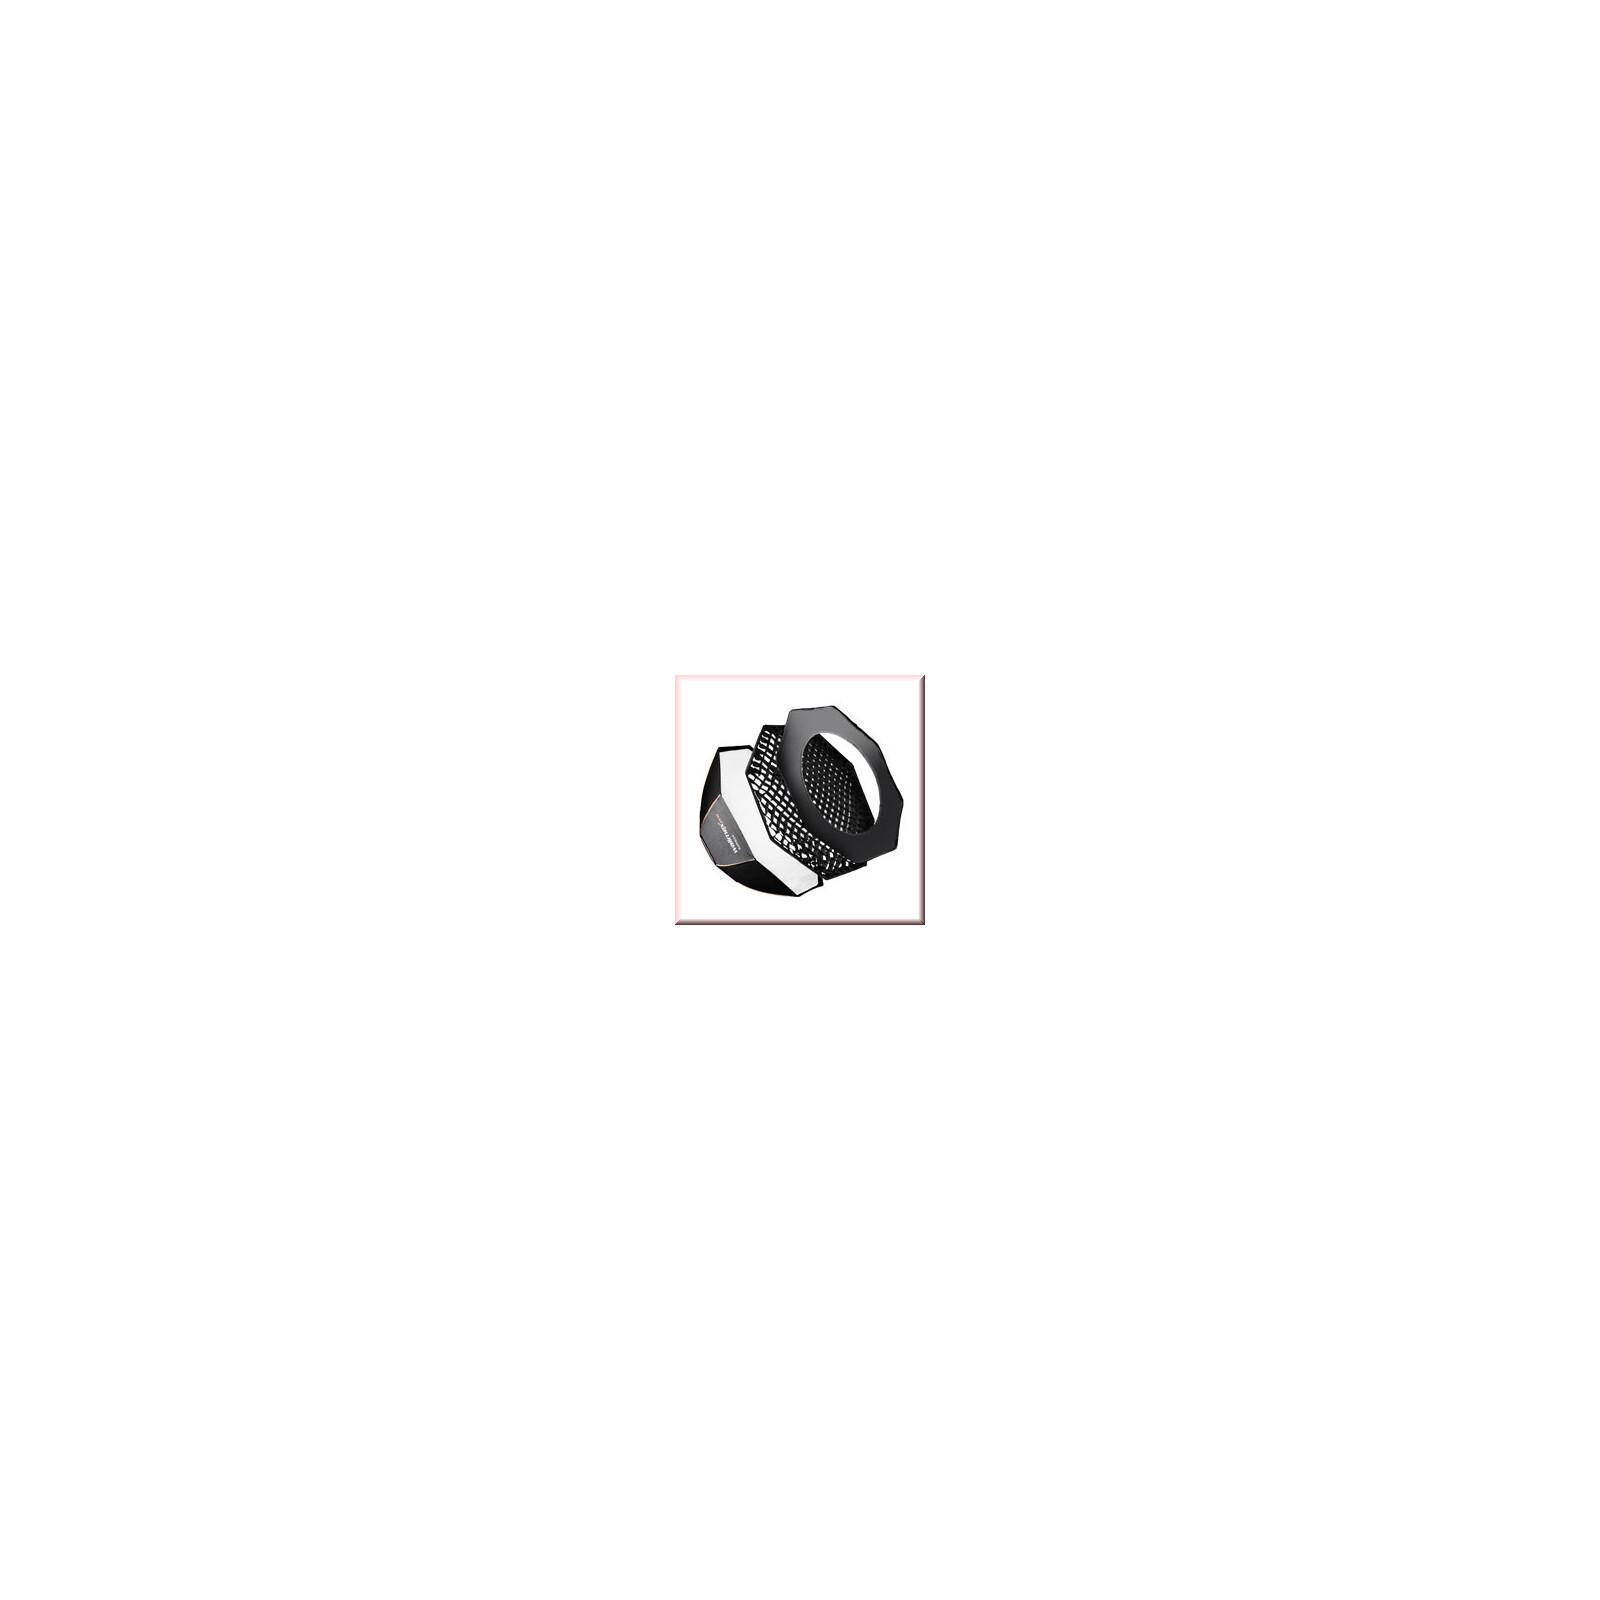 walimex pro Octa Softbox PLUS OL Ø170 Multiblitz P